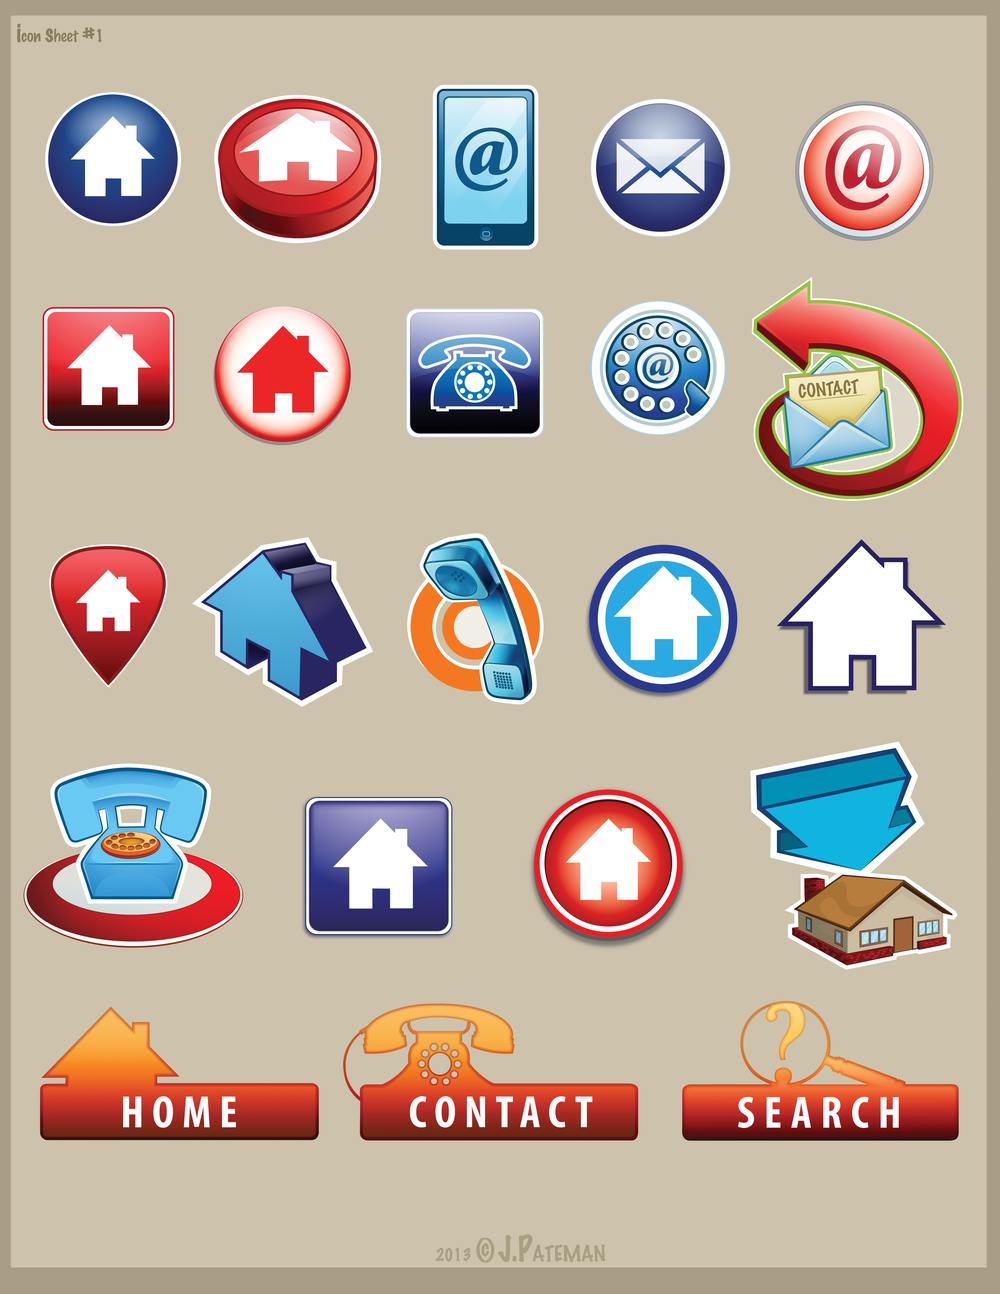 Icon Sheet 1